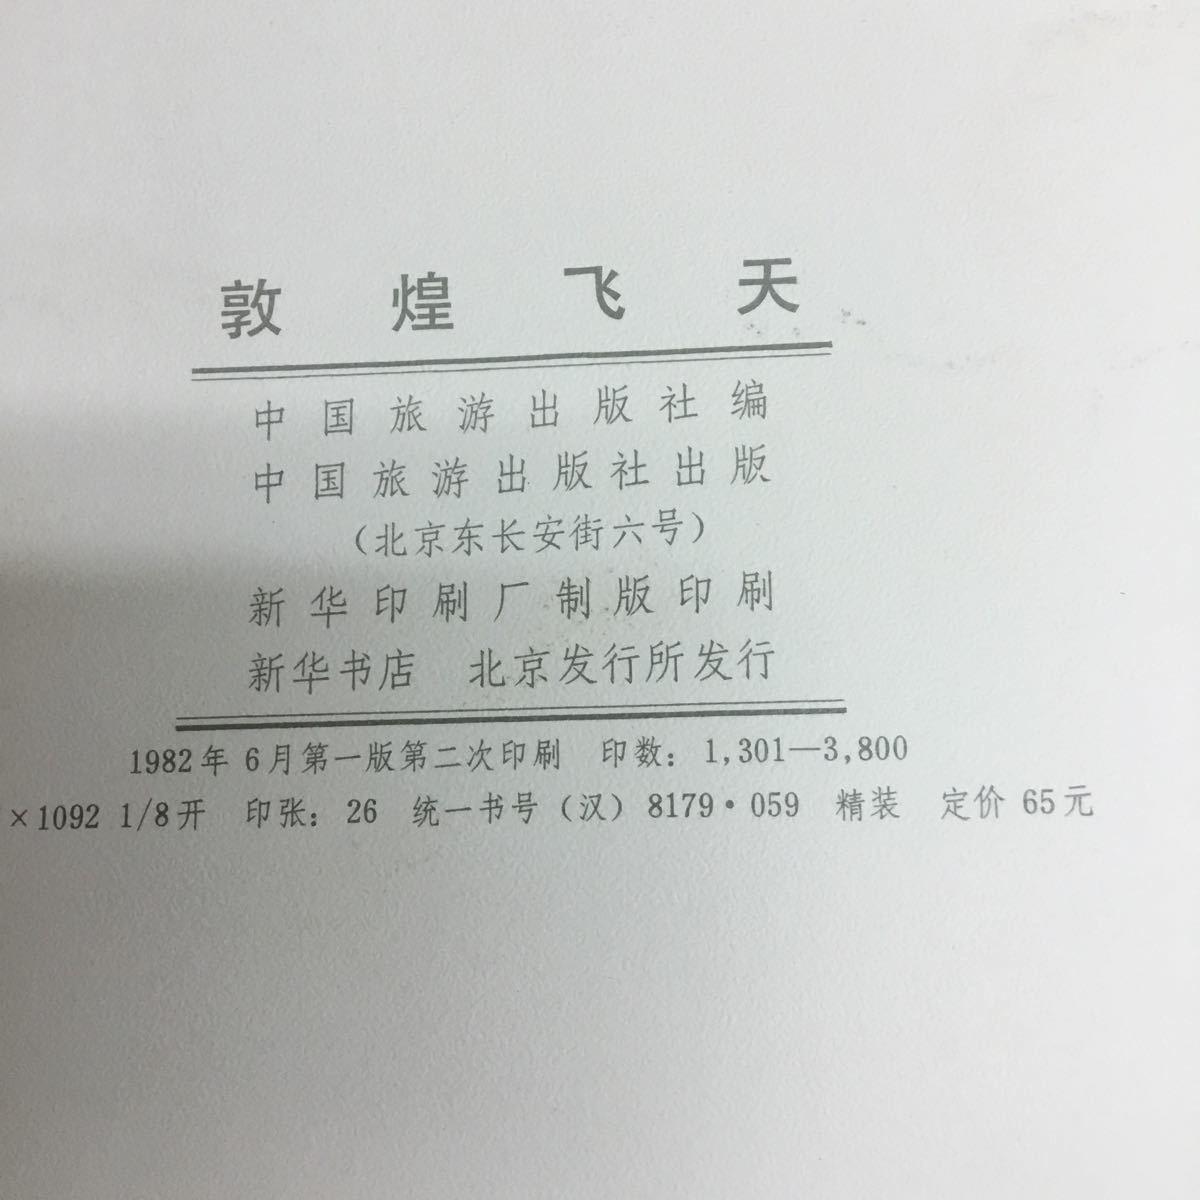 きー25★敦煌の飛天 中国語・中国旅遊出版社 1980年発行 日本文説明綴り・写真目録 箱付き_画像1